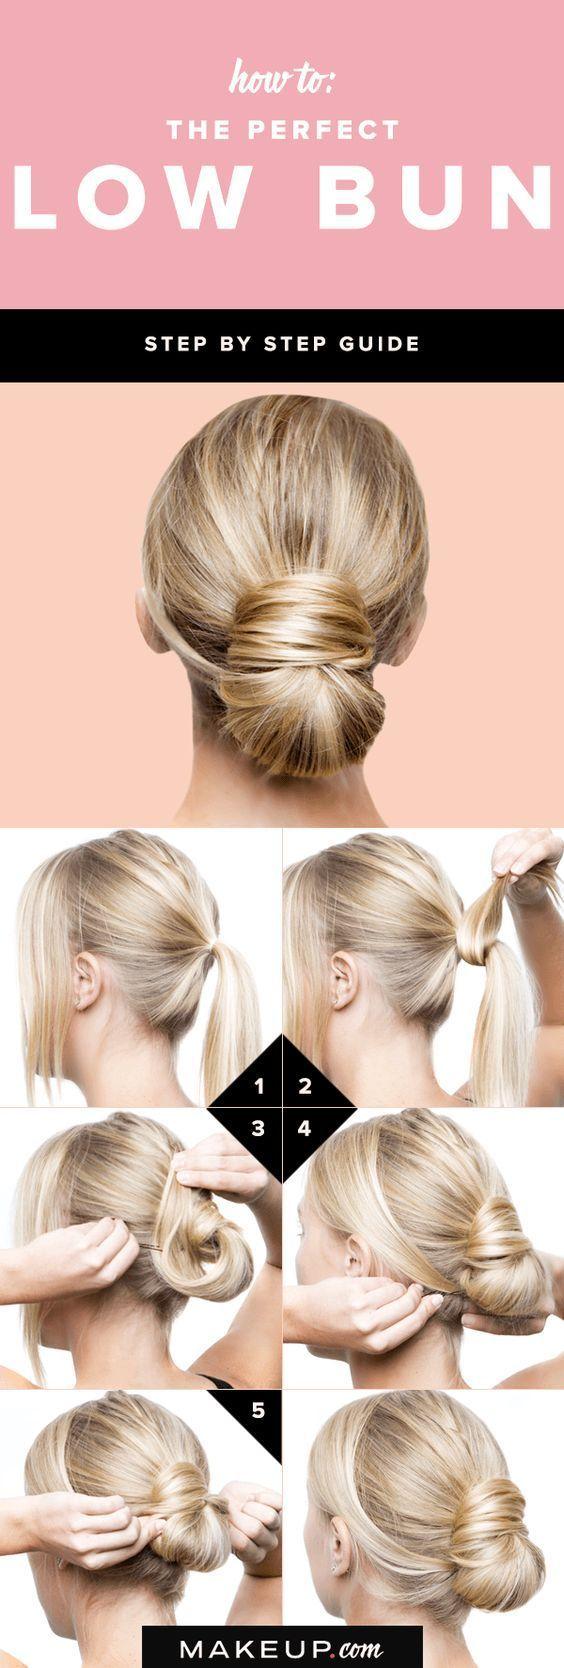 tutorial gaya rambut yang simpel tapi chic untuk kencan bag